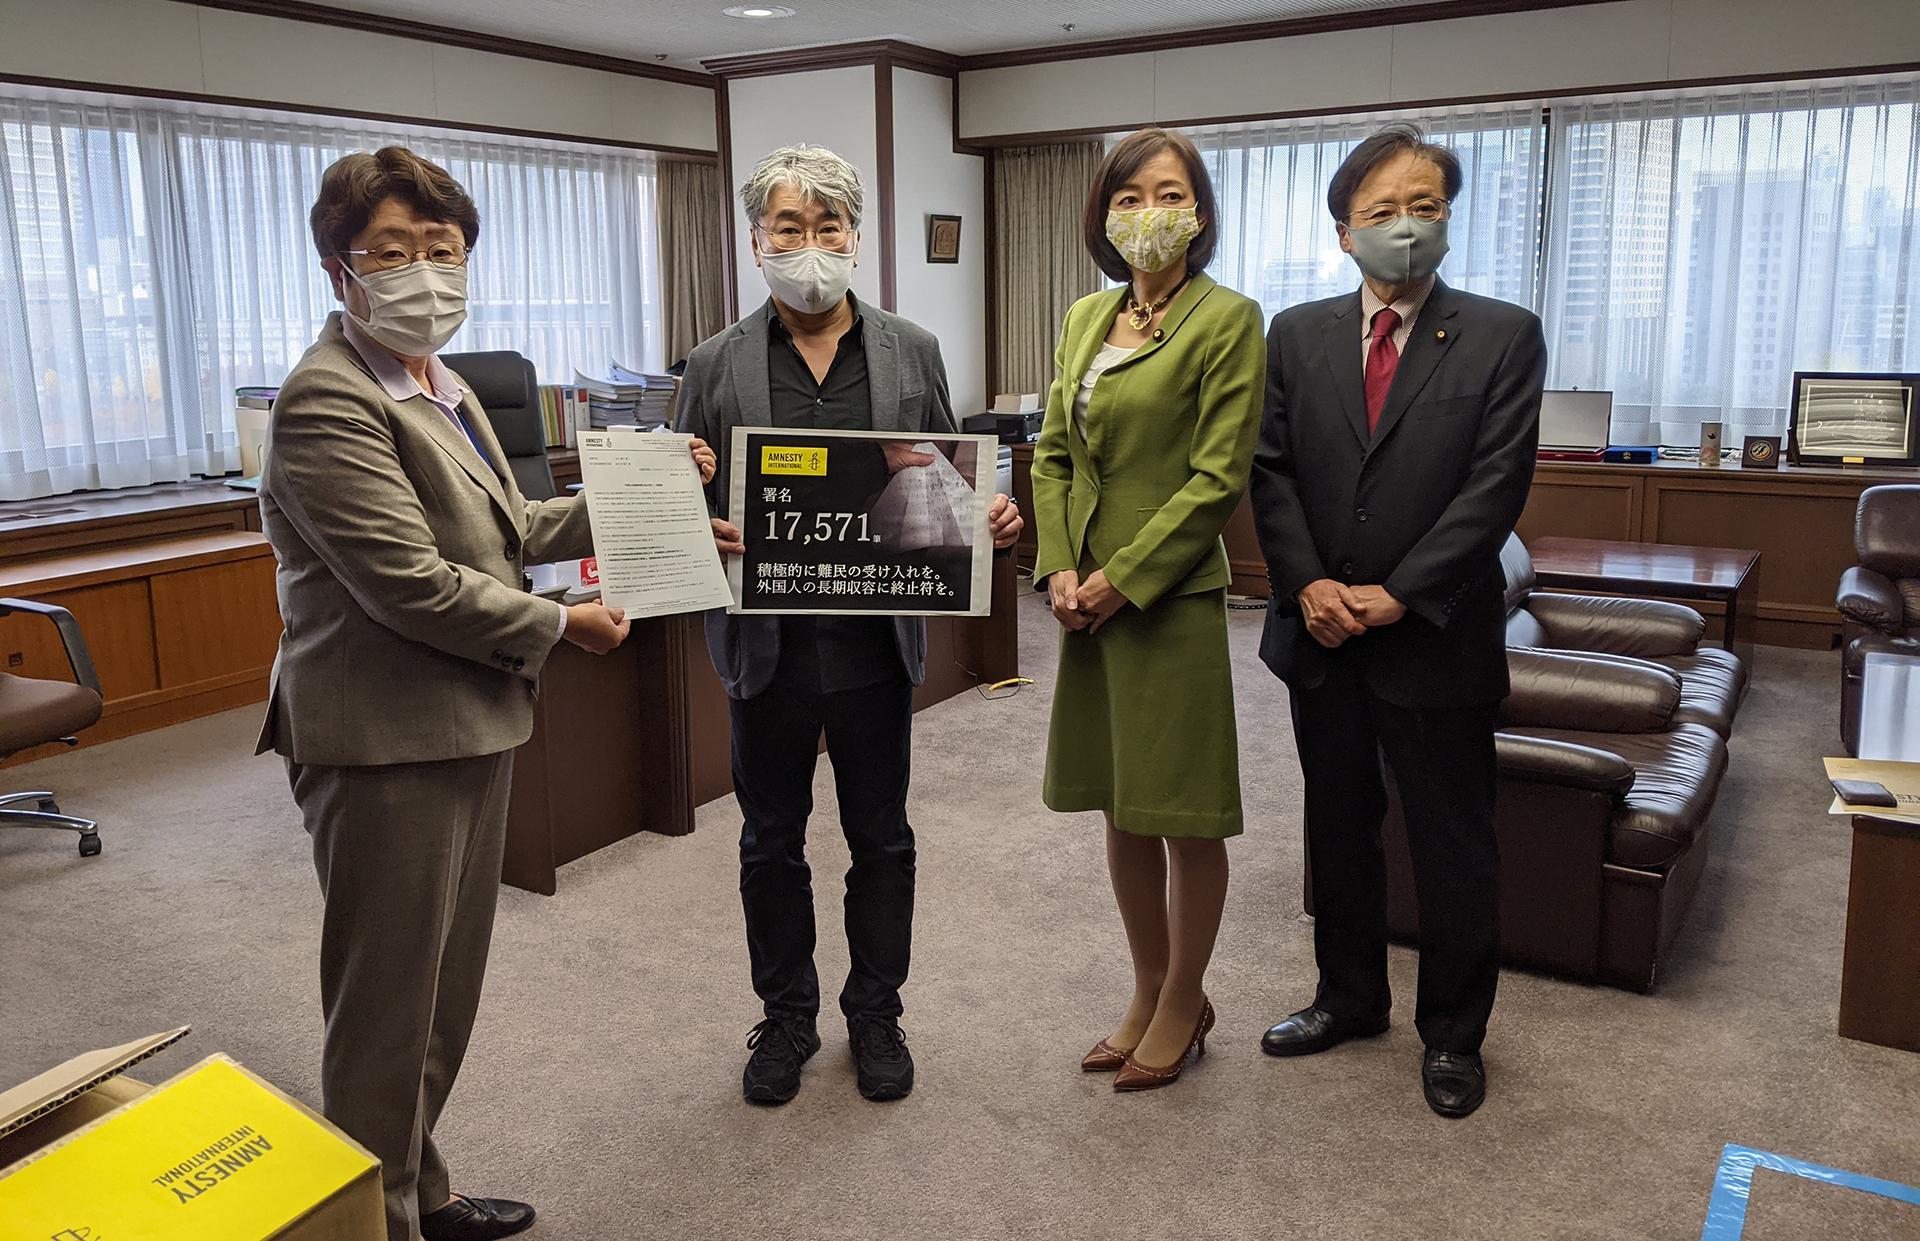 左から:佐々木聖子長官、中川英明事務局長(アムネスティ・インターナショナル日本)、牧山ひろえ議員(アムネスティ議員連盟事務局長)、井上哲士議員